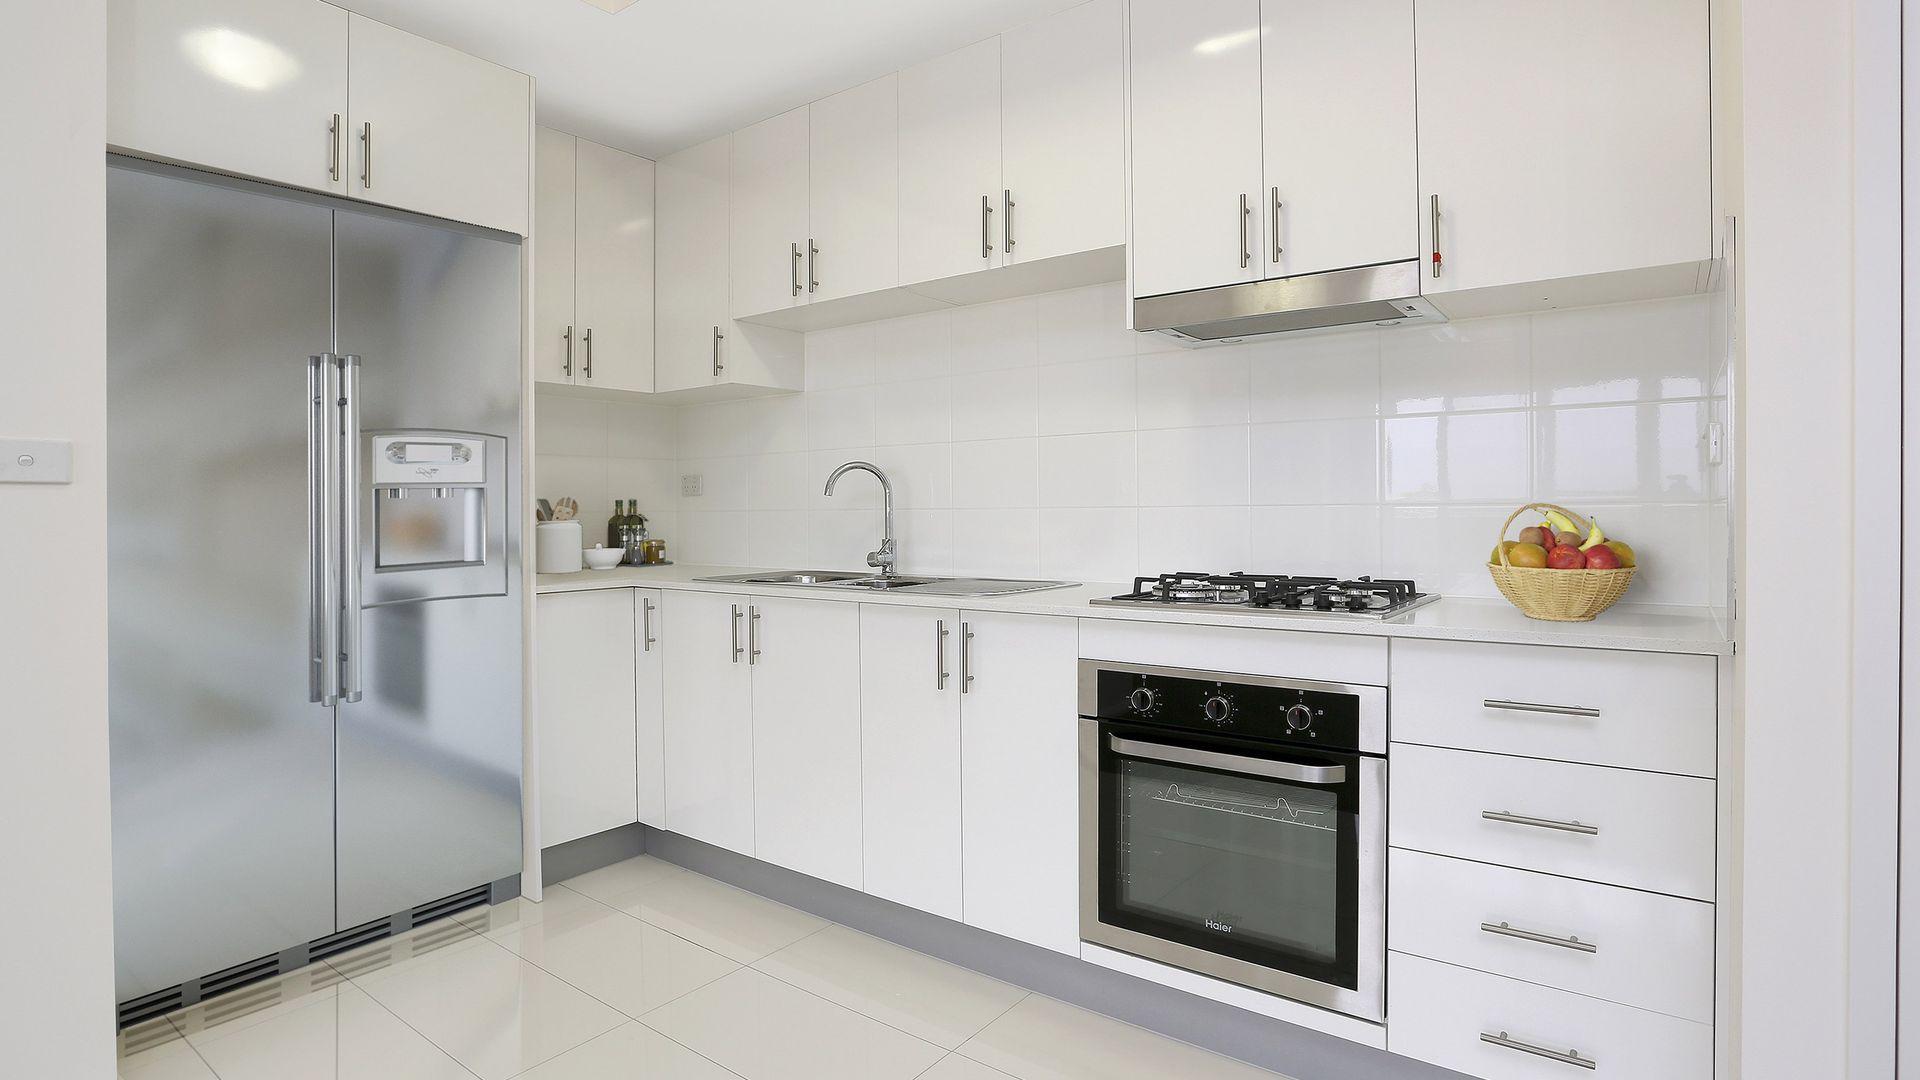 43/39-41 Gidley Street, St Marys NSW 2760, Image 2